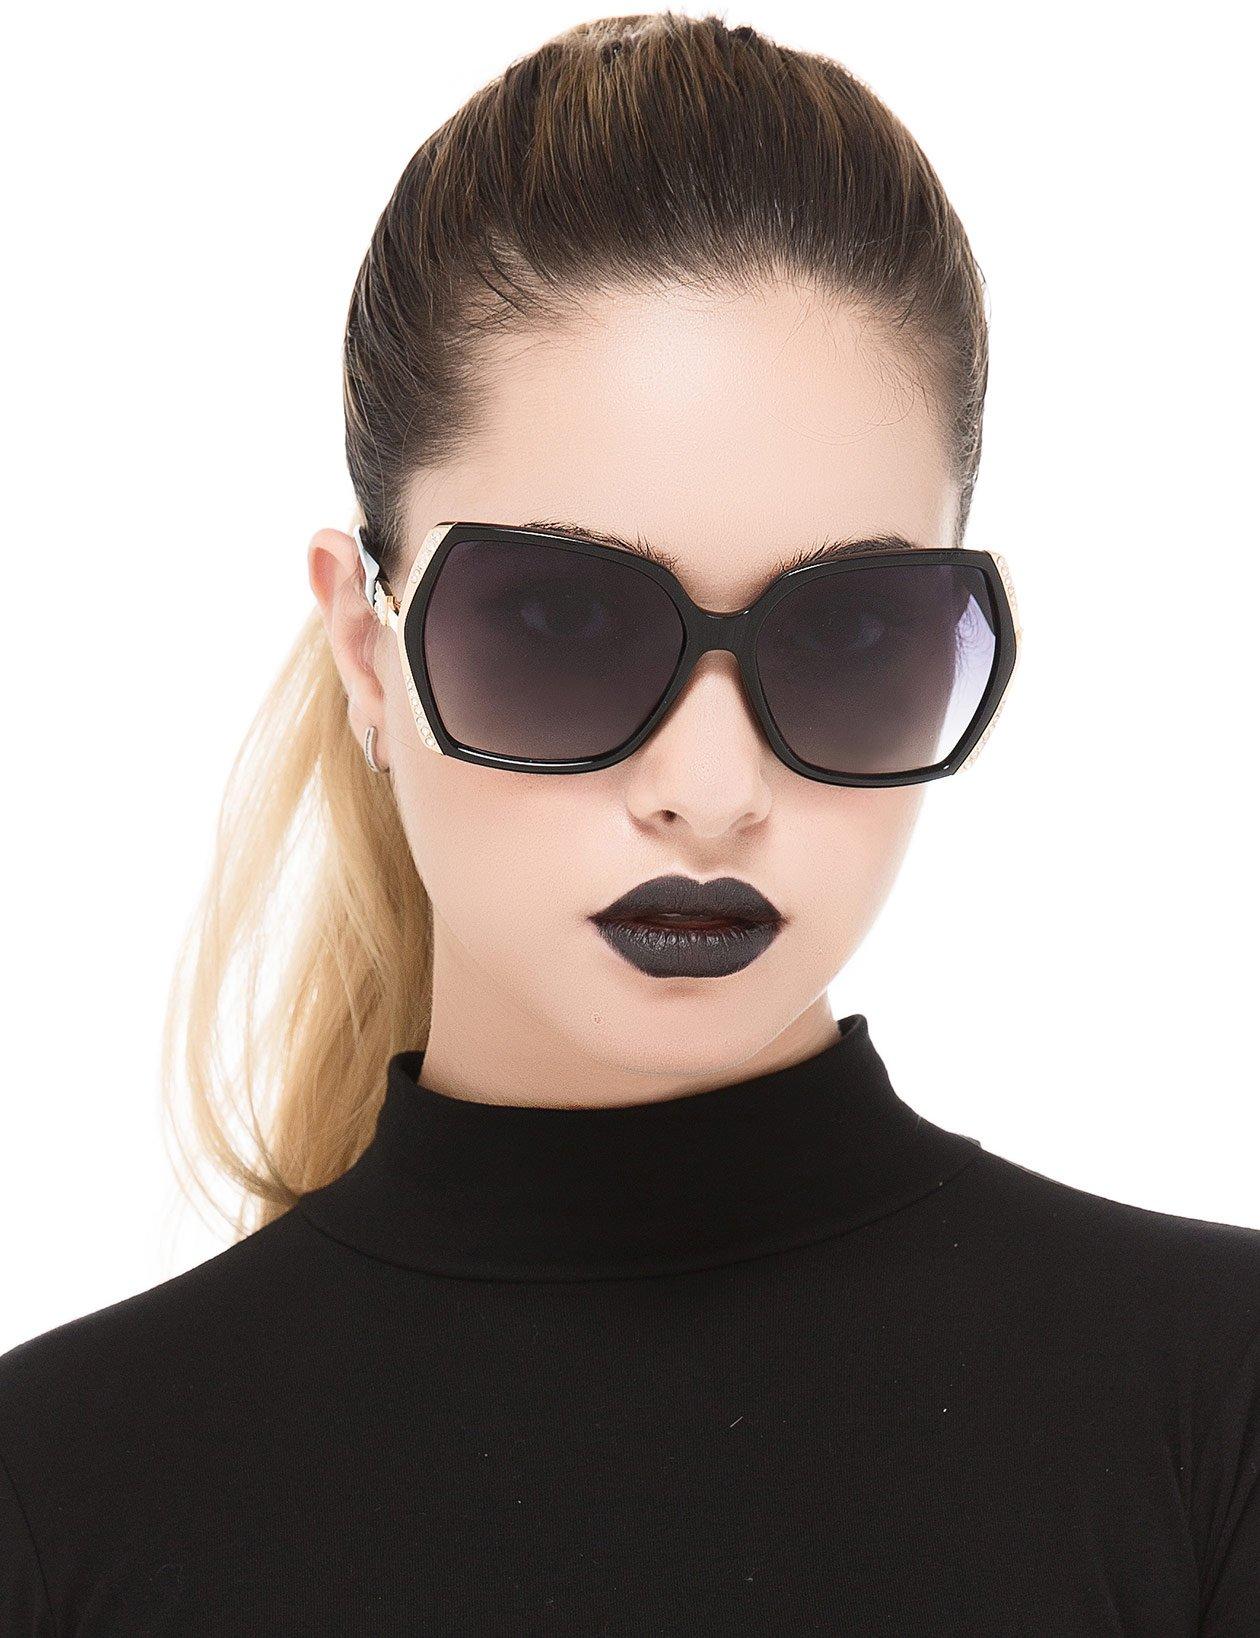 Oversized Polarized Sunglasses for Women Polarized Vintage Luxury Eyewear (Black/Grey)